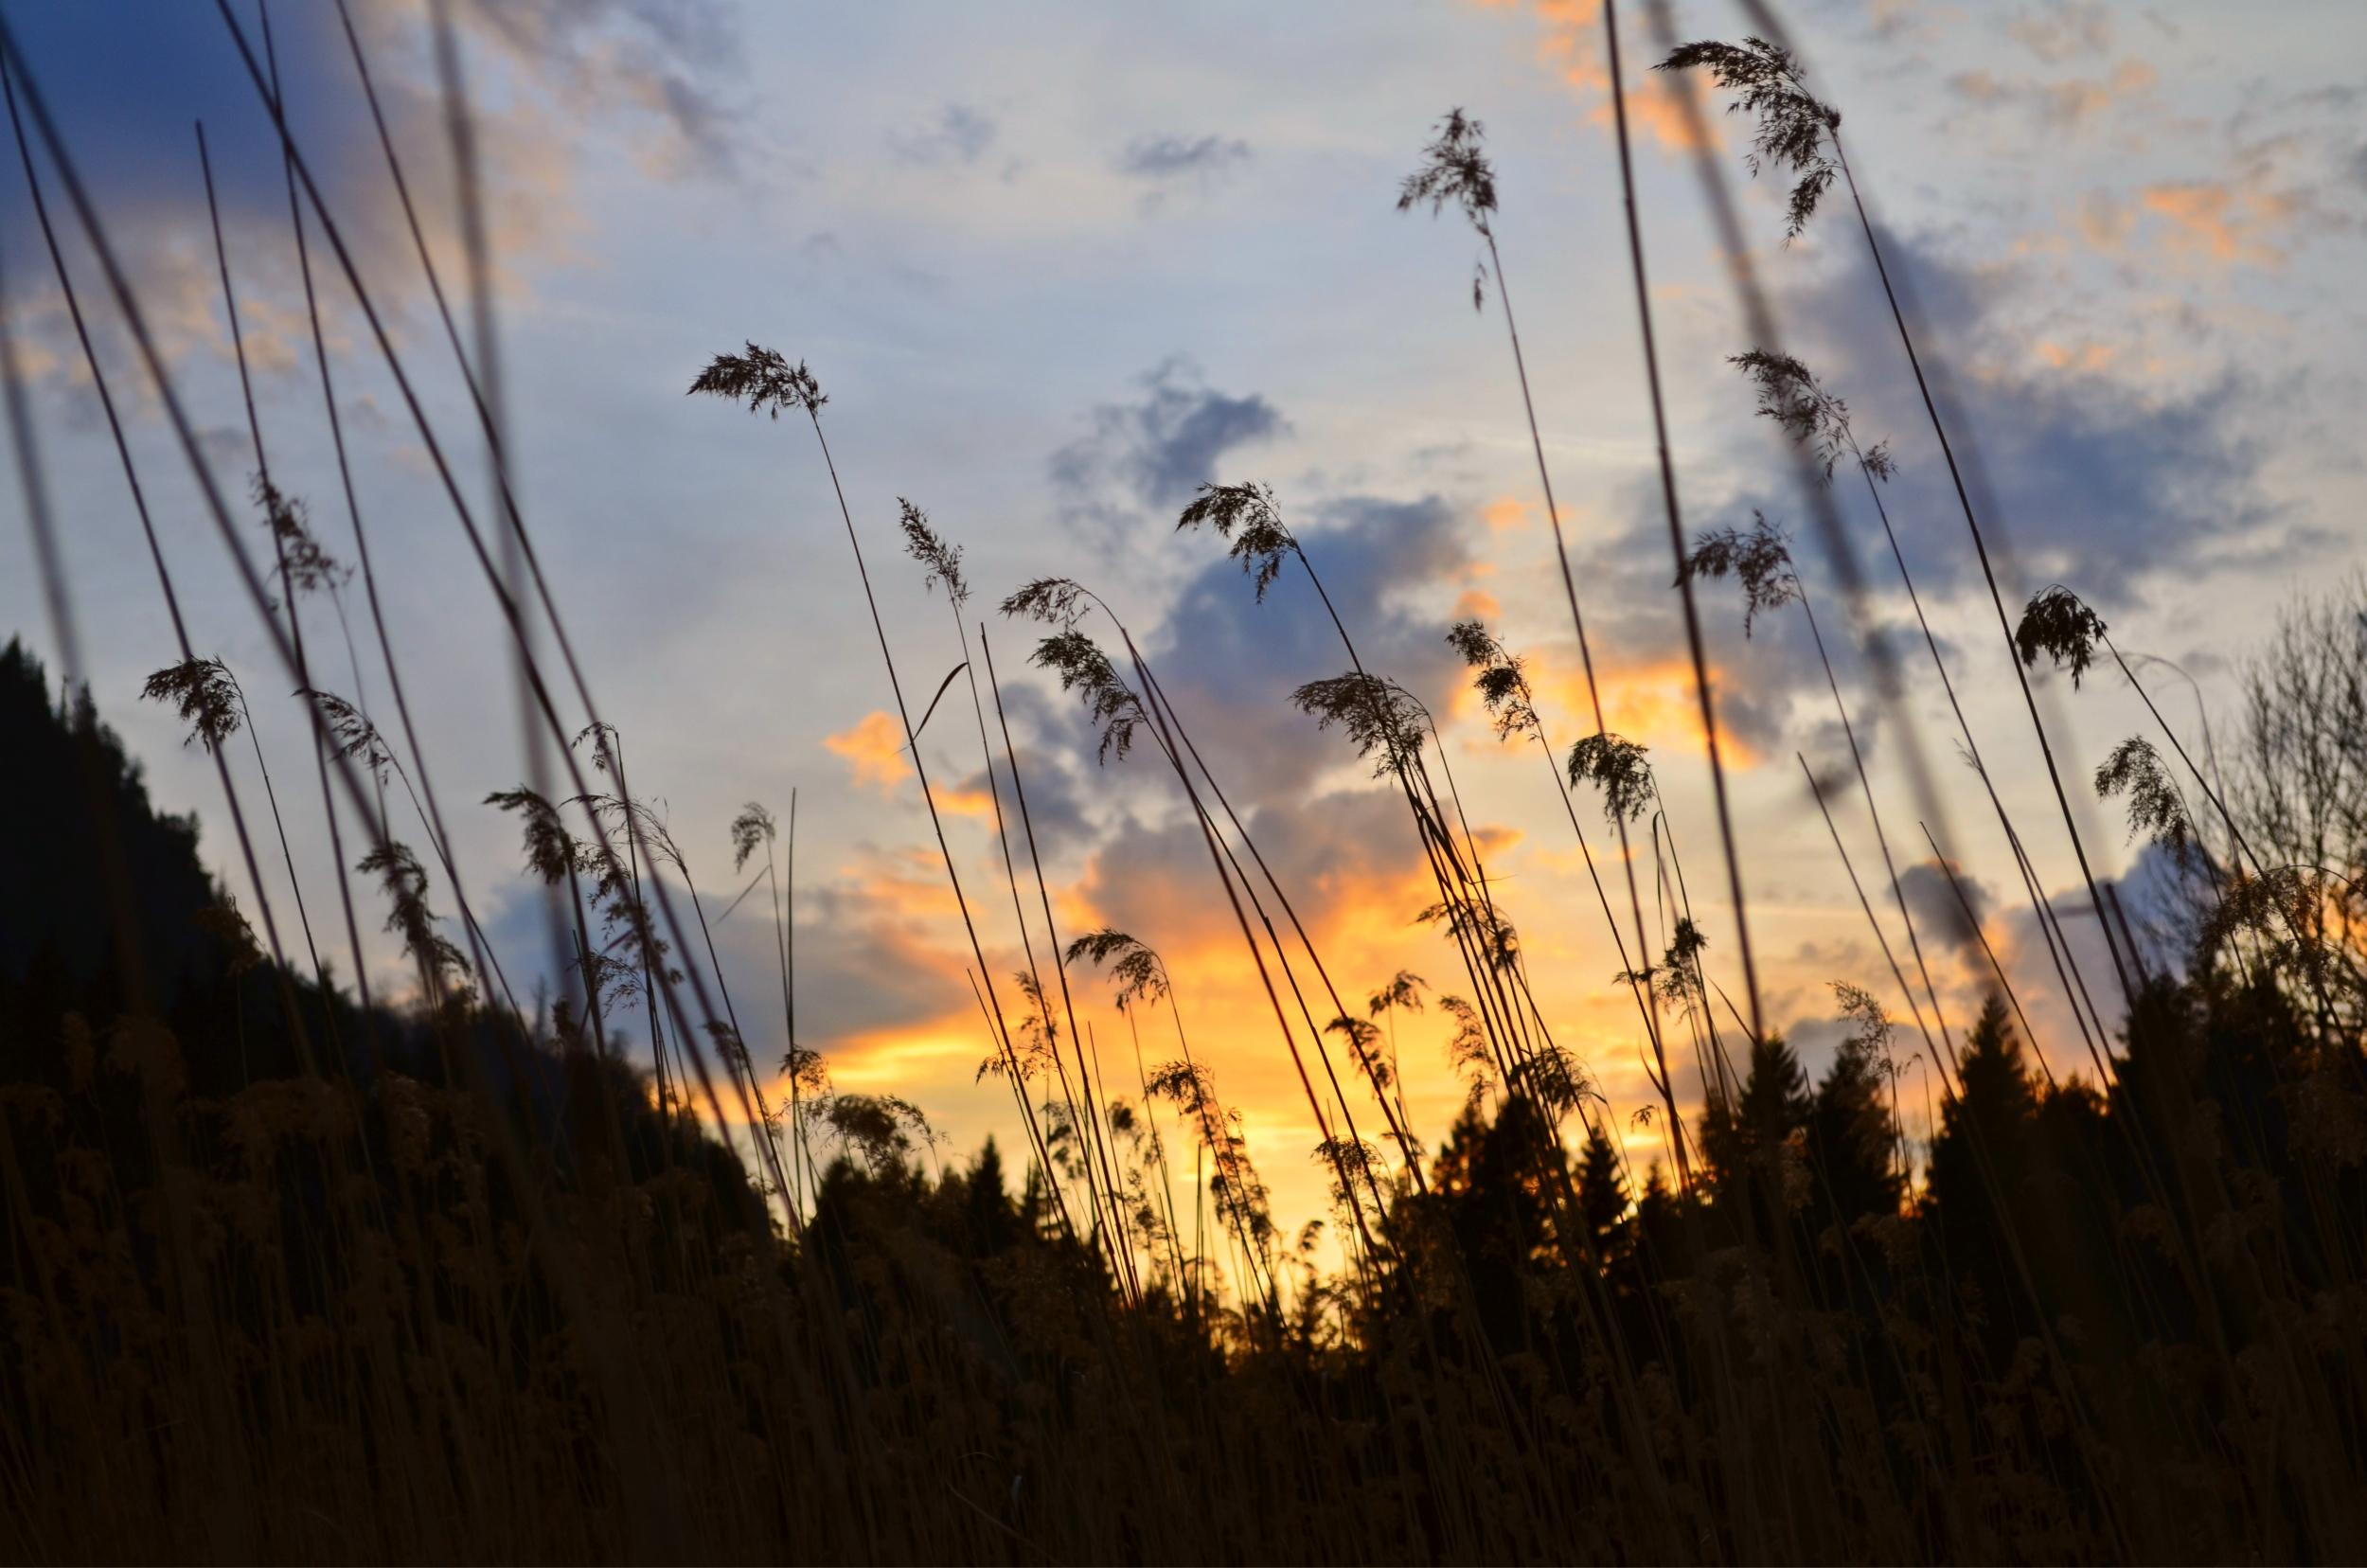 H0025 Abendstimmung am Bannwaldsee